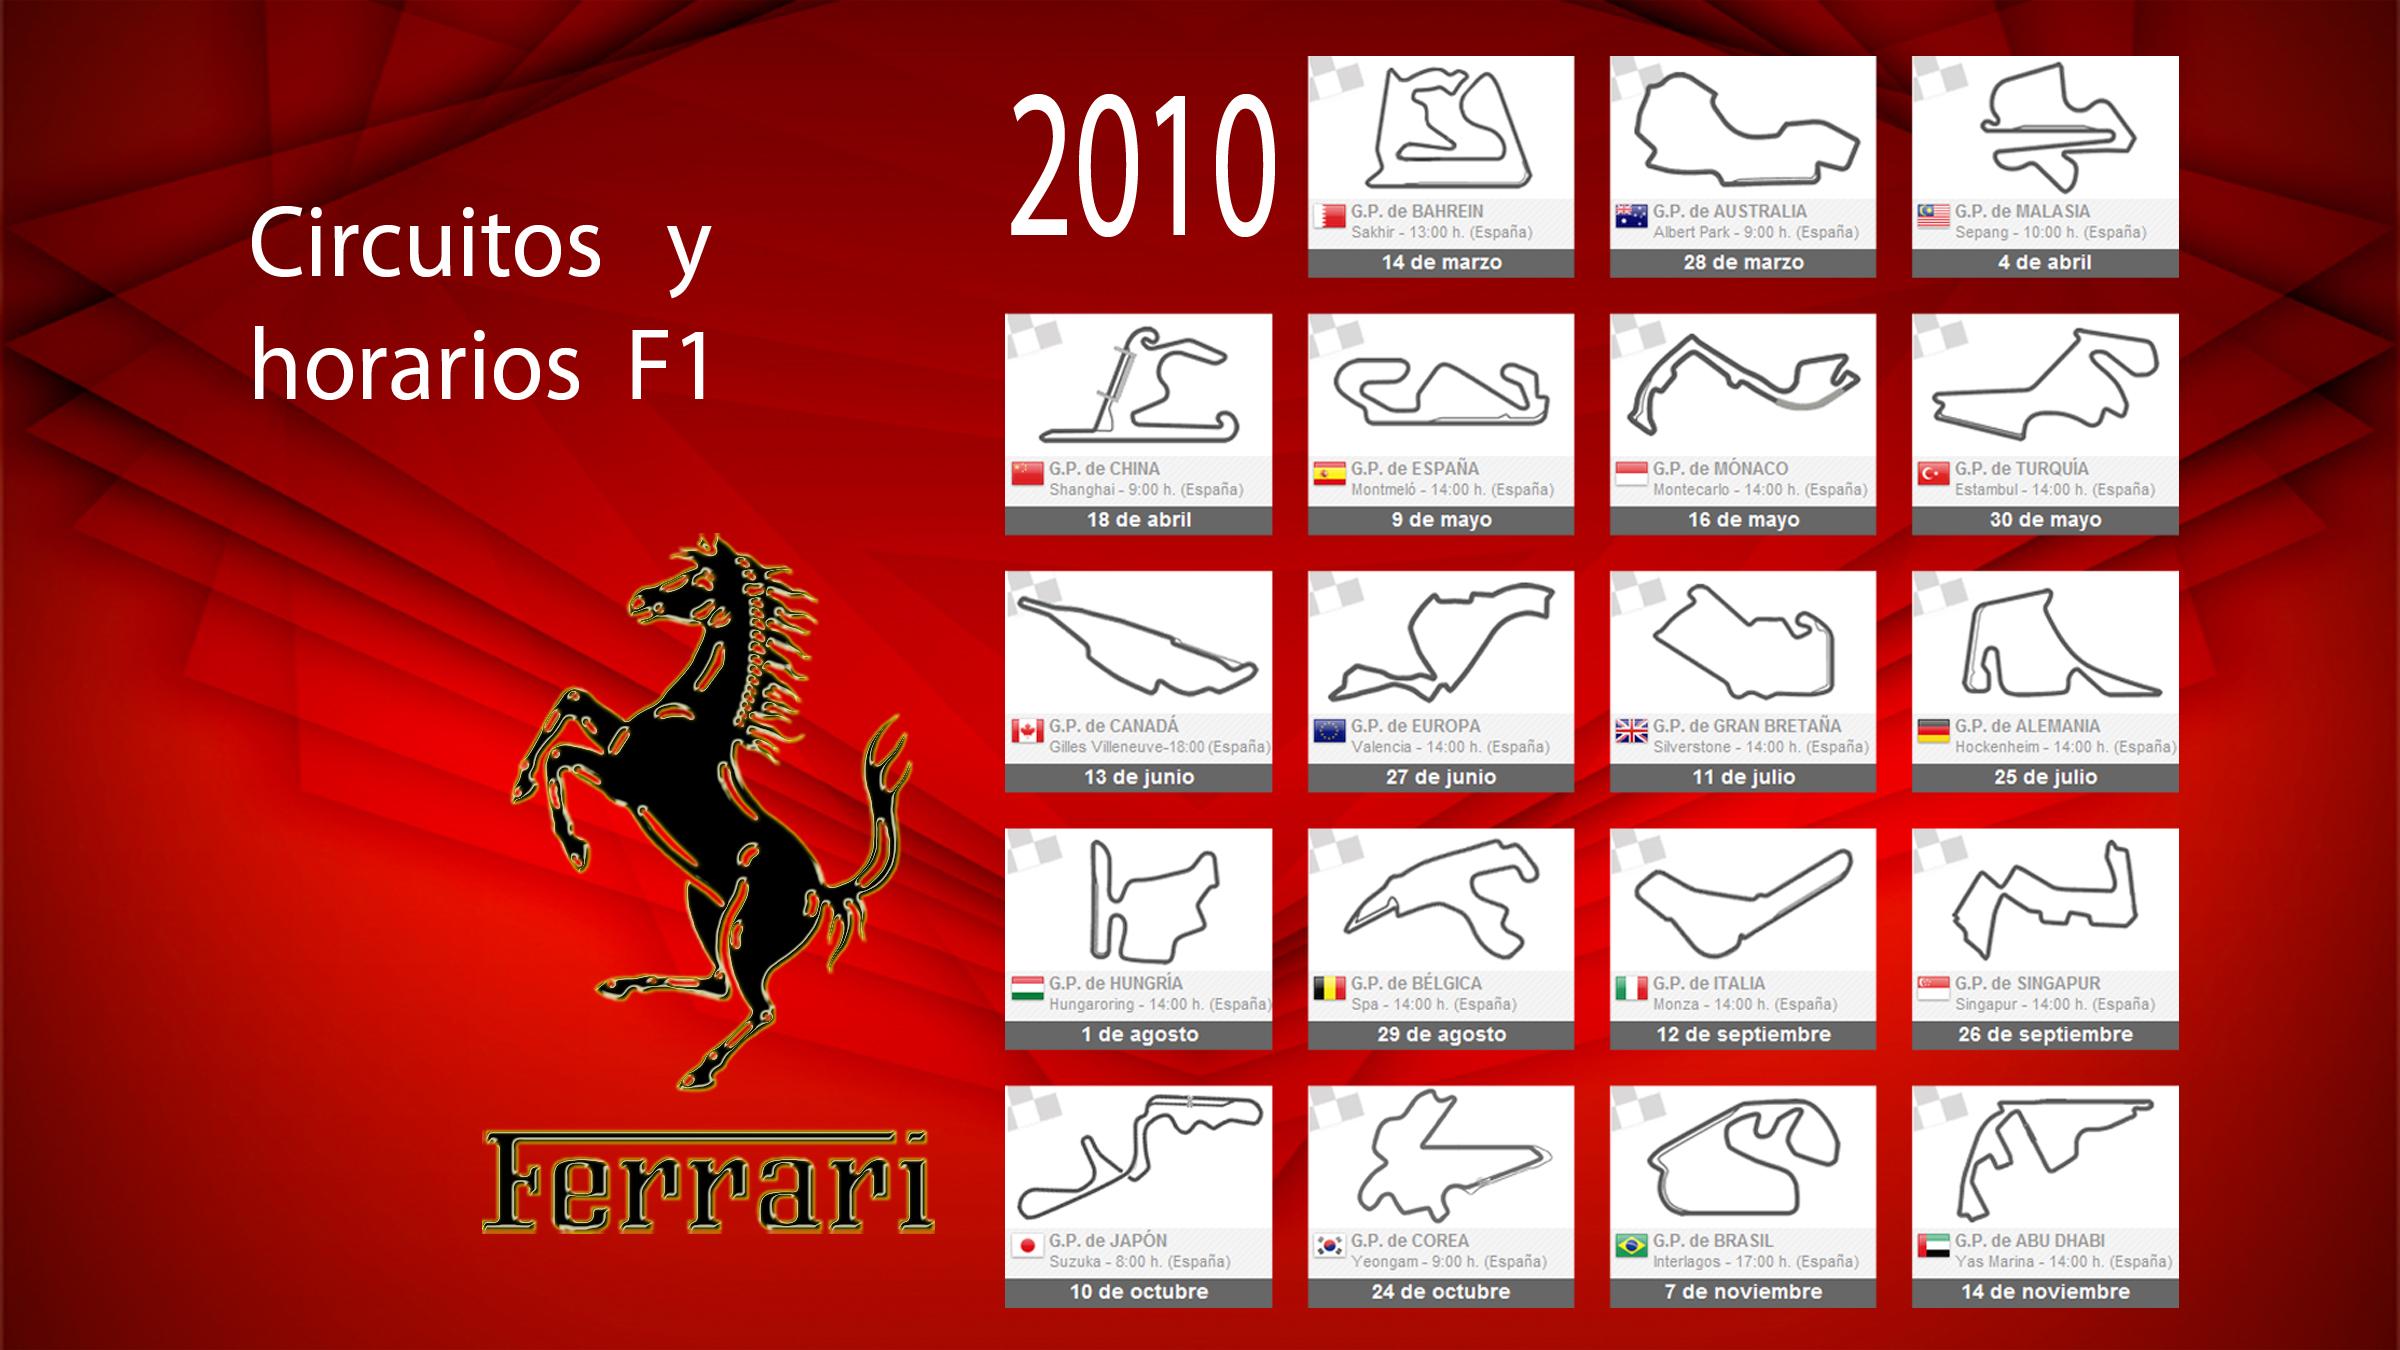 Calendario Formula1.Calendario F1 2010